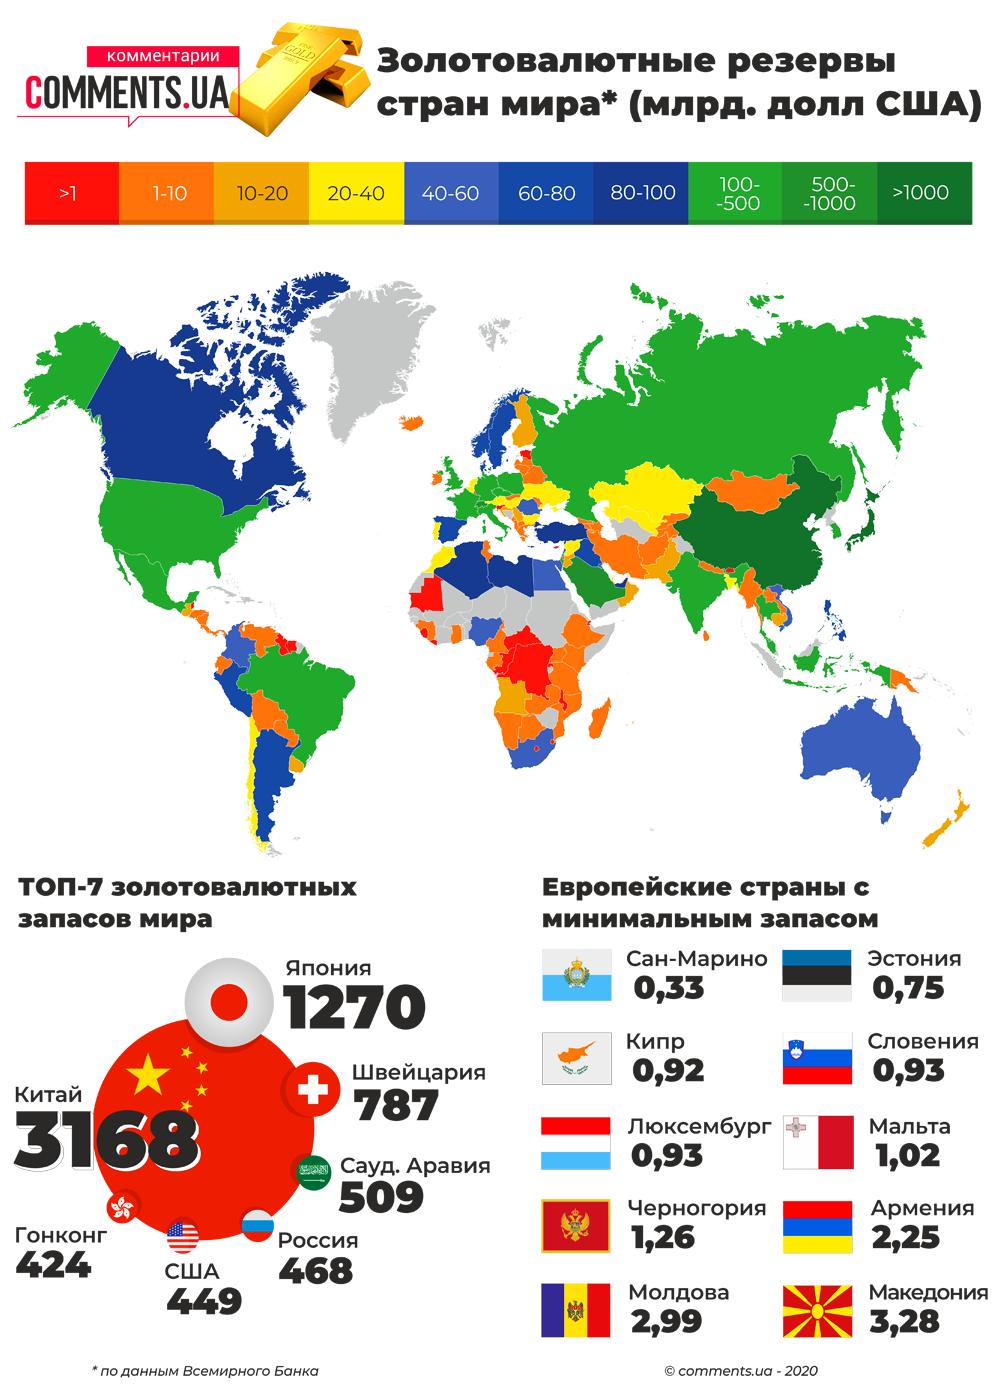 Золотовалютные резервы тран мира